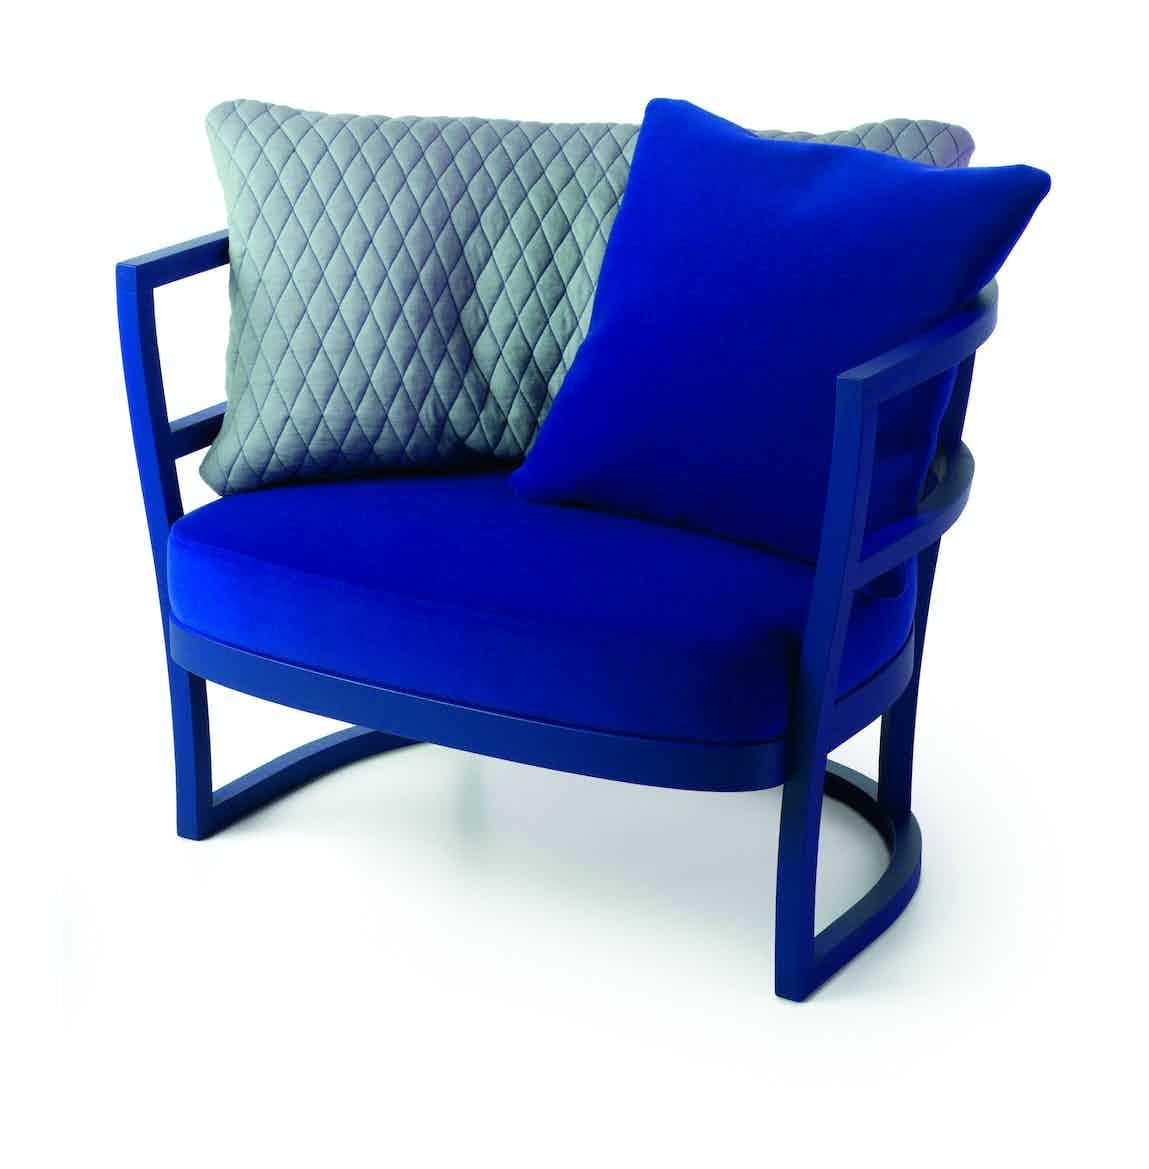 Dum-furniture-blue-wagner-haute-living